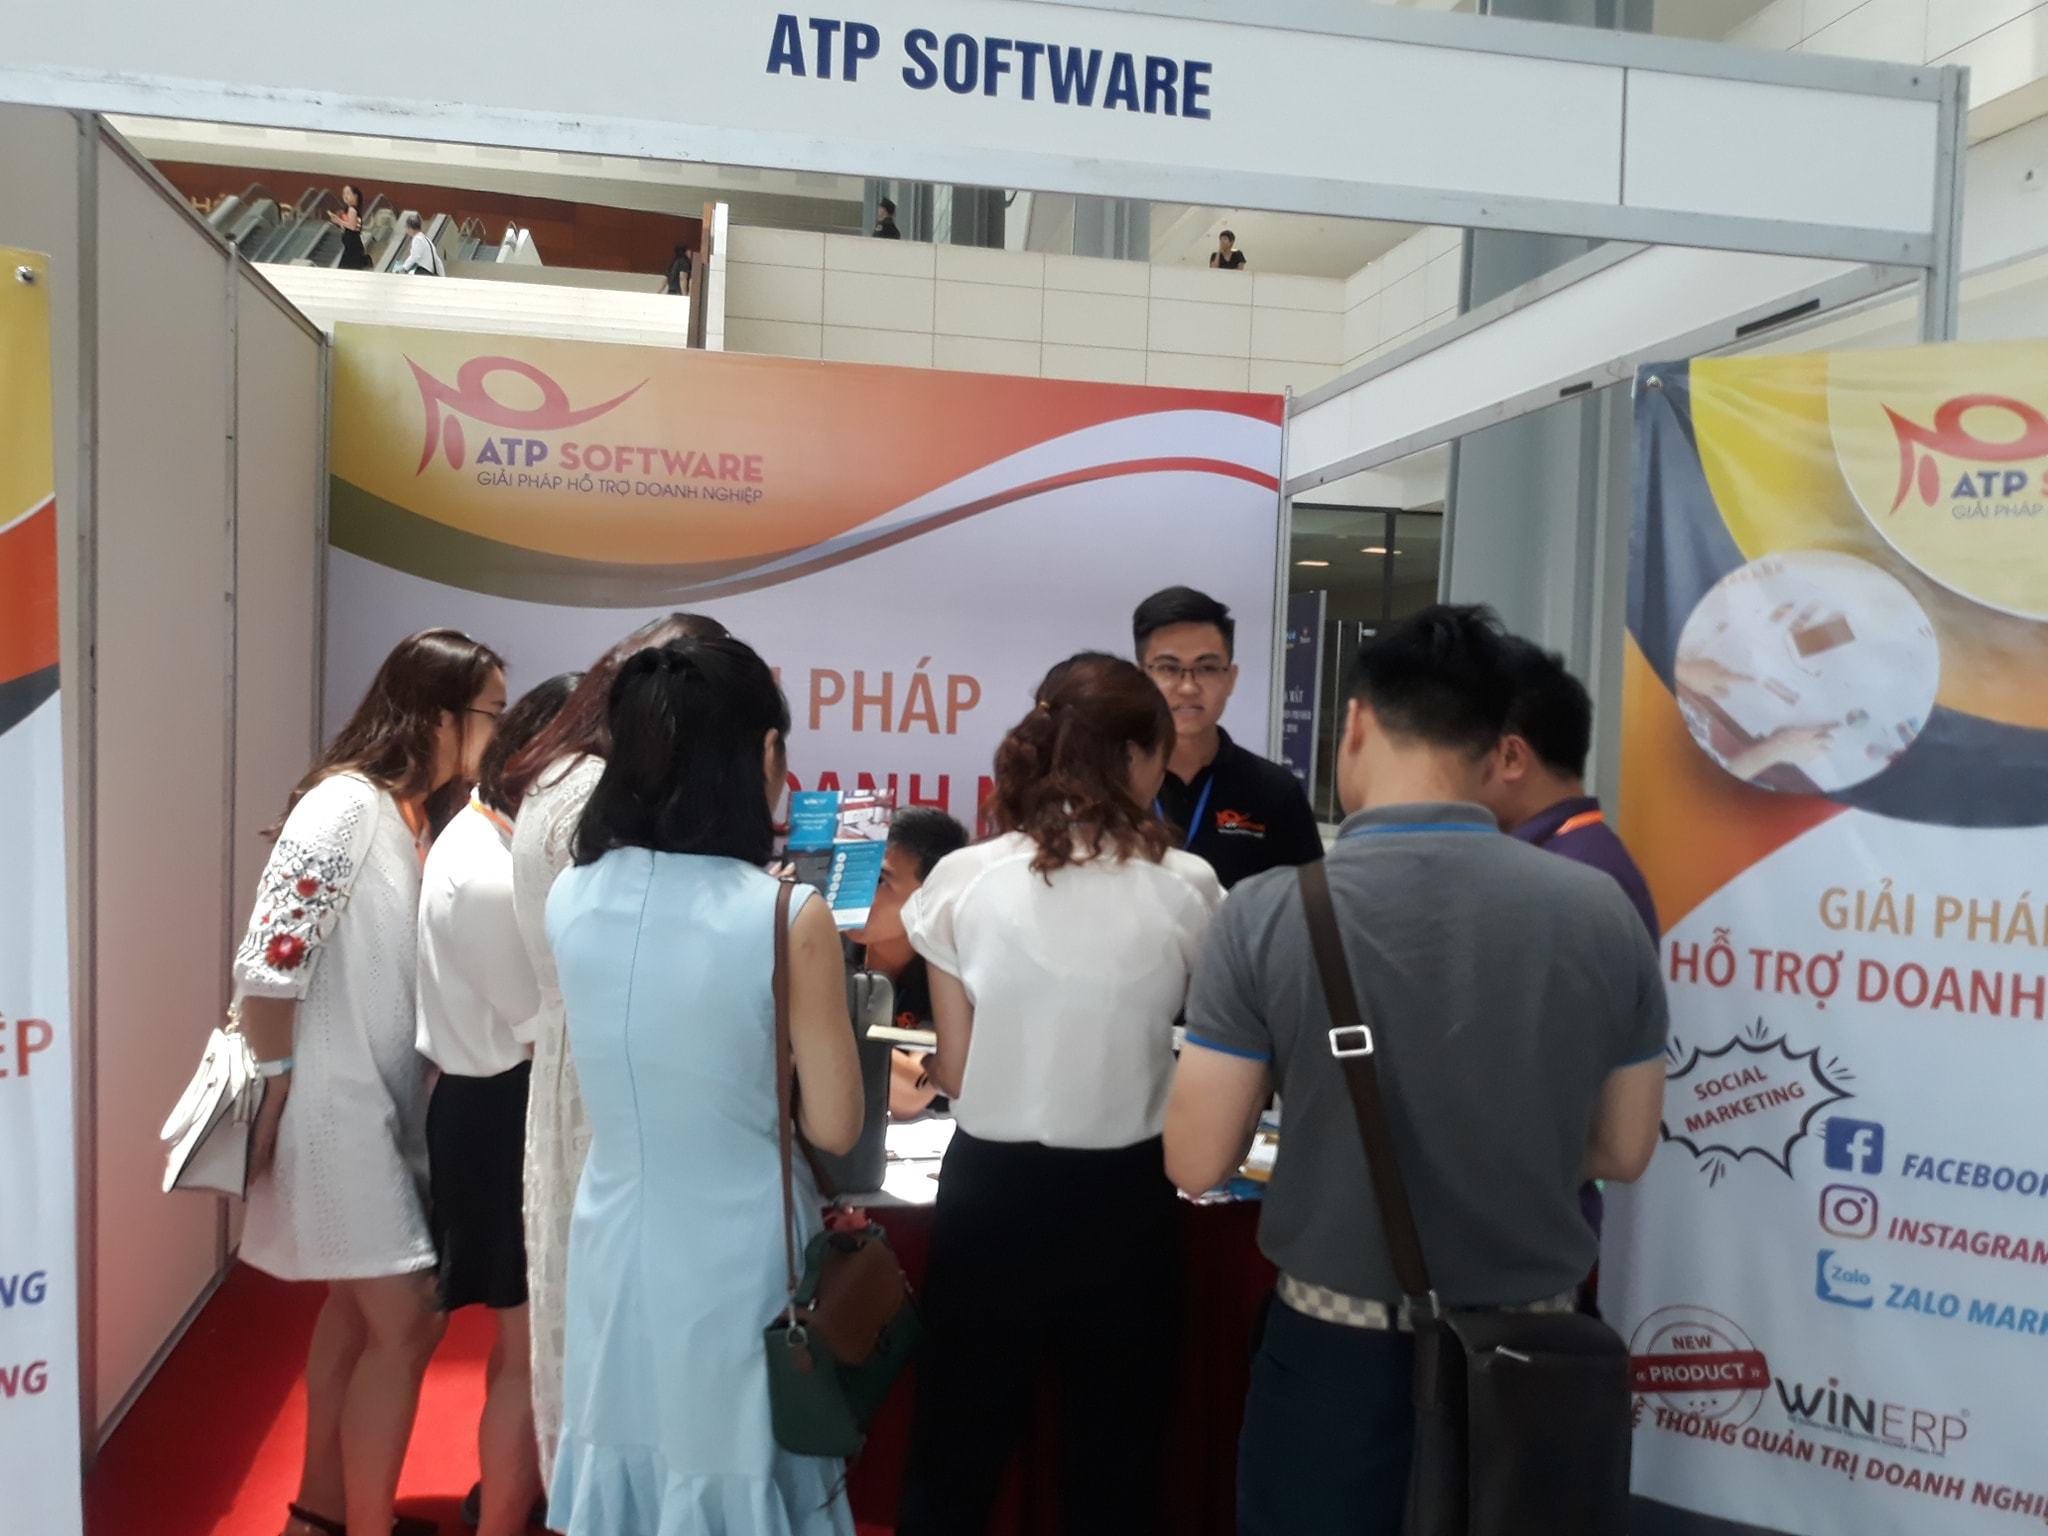 atp dn 5 - Đến ngay gian hàng của ATP Software tại Sự kiện Marketing lớn nhất châu Á tại Hà Nội để nhận nhiều ưu đãi